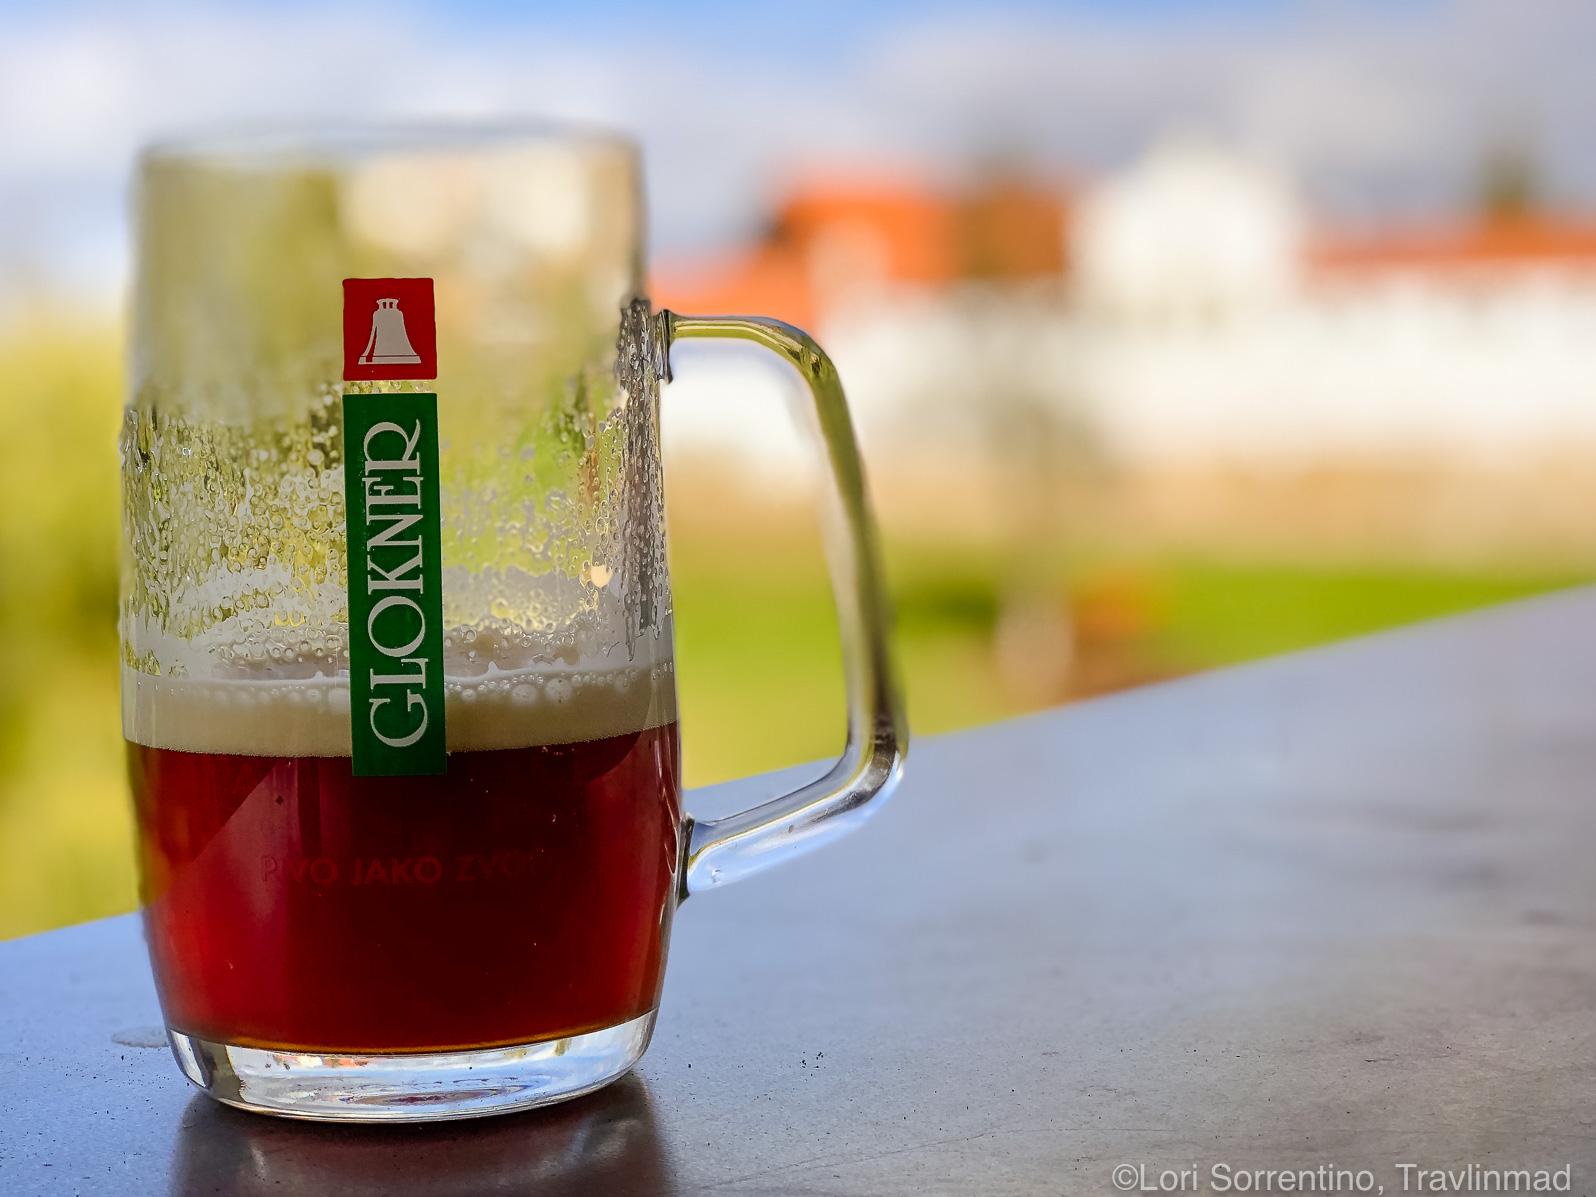 Glockner beer made by Svachovka brewery